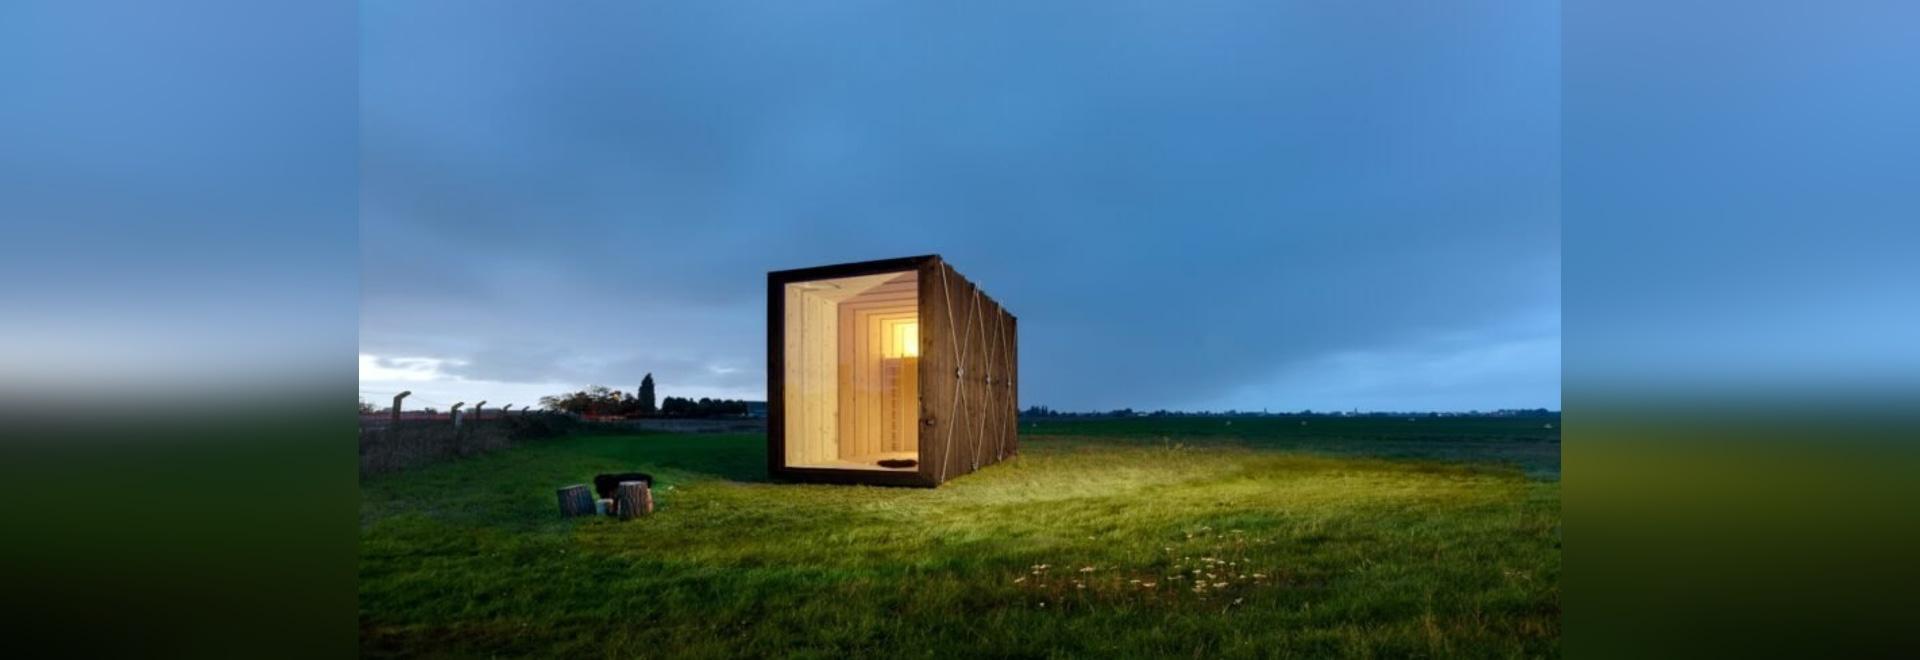 Minimaliste, la petite cabane en bois carbonisé ne fait que 129 pieds carrés